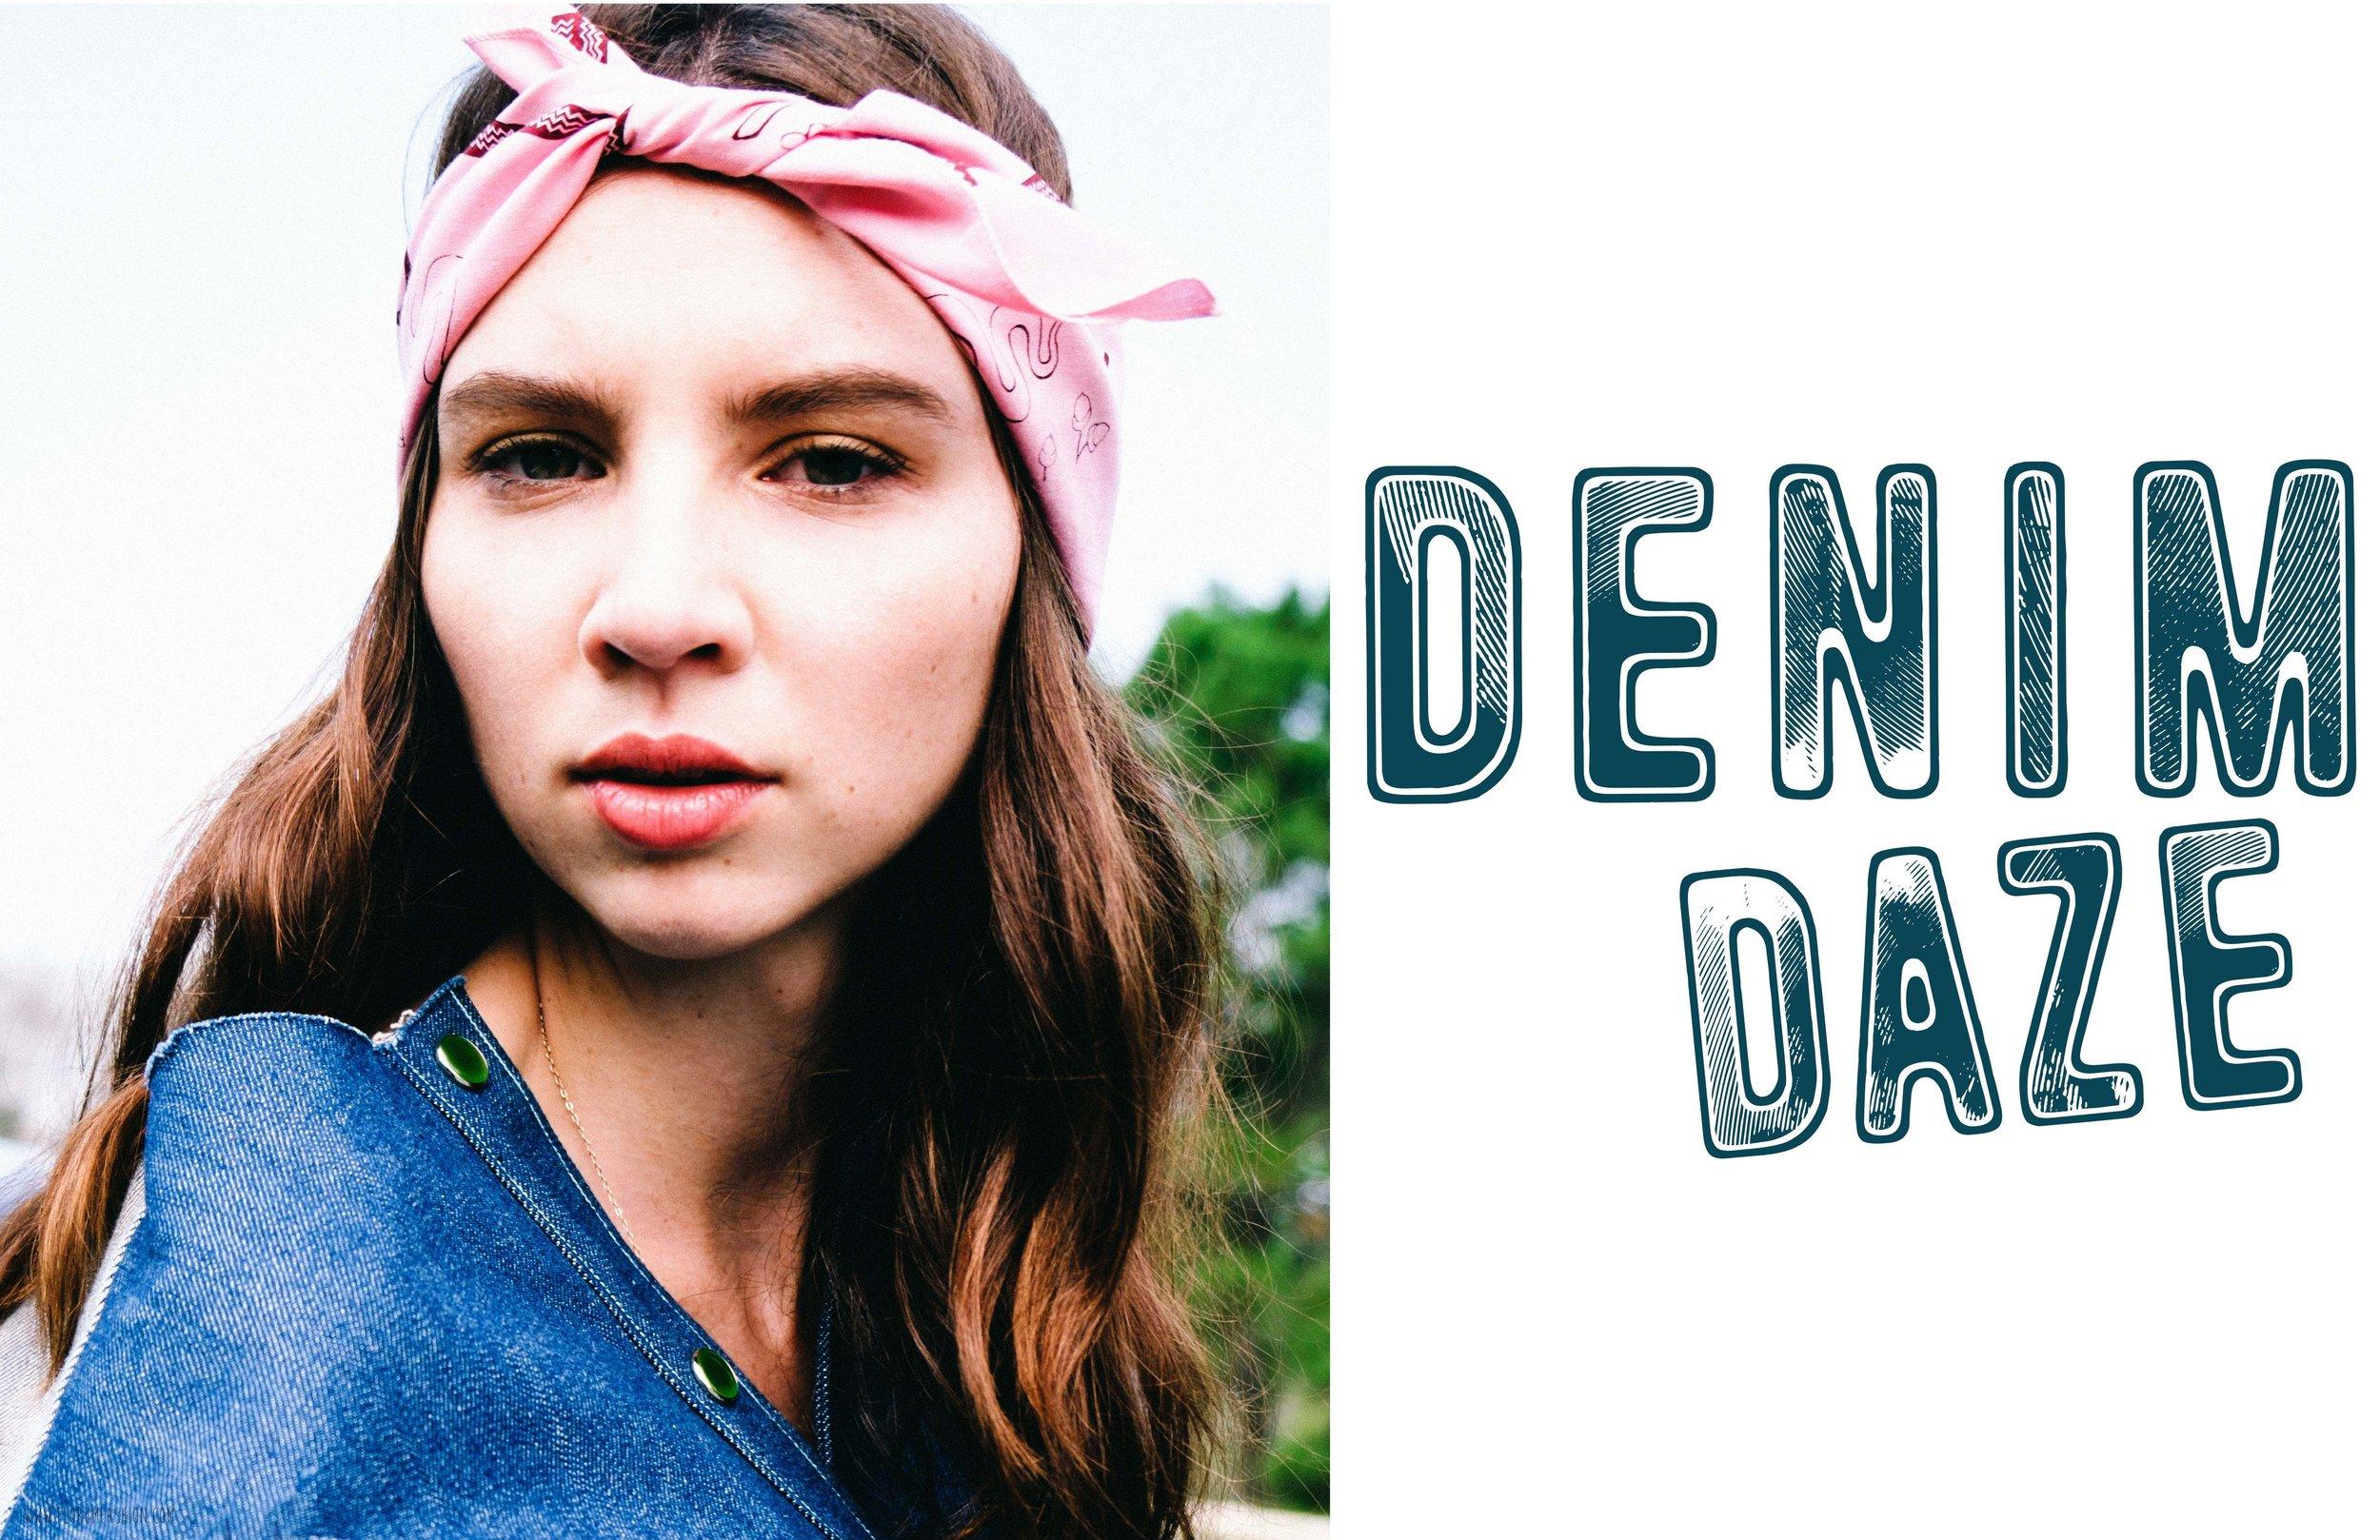 Denim Daze - Florum Fashion Magazine - Festival Fashion - layered vintage fashion - editorial - webitorial - submission - sustainable - eco friendly - irusha - ana tess